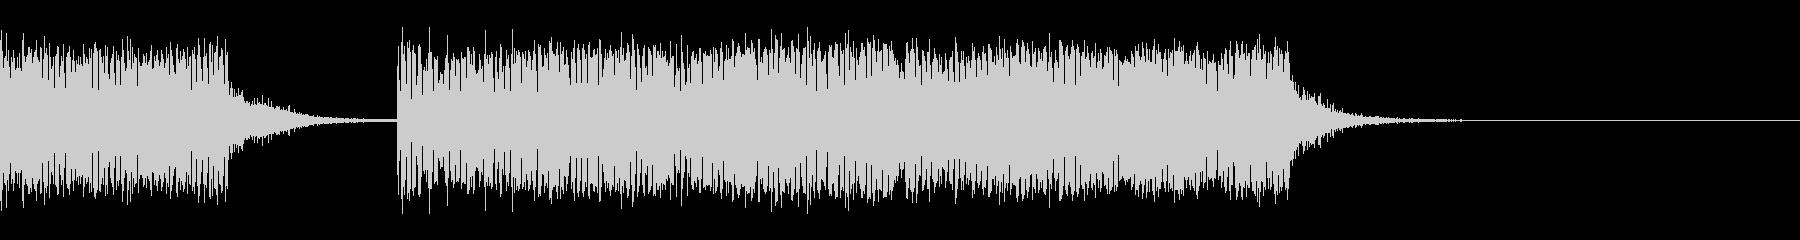 スパーク音-05の未再生の波形